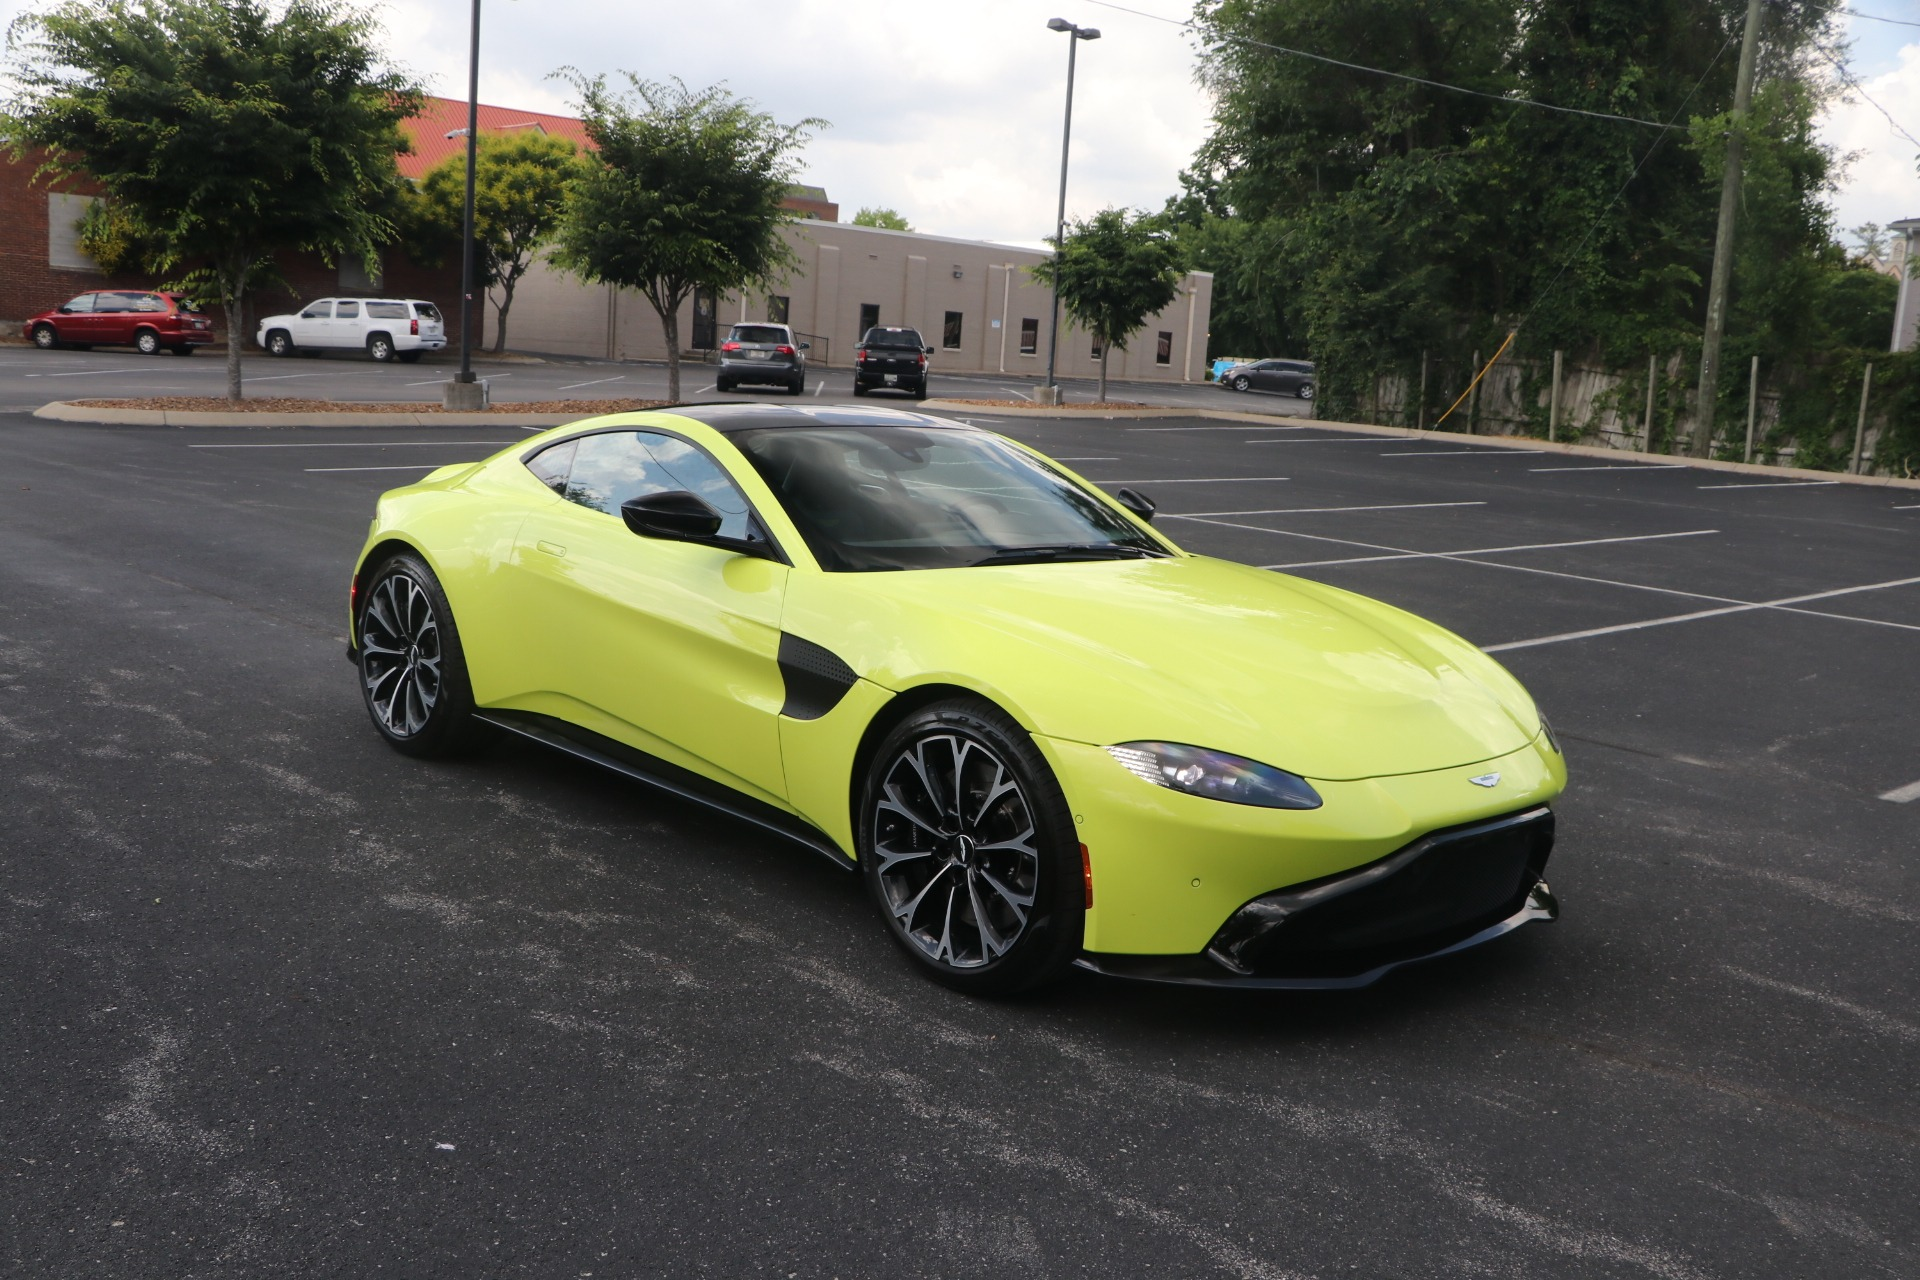 Used 2019 Aston Martin Vantage W/NAV for sale $144,950 at Auto Collection in Murfreesboro TN 37130 1